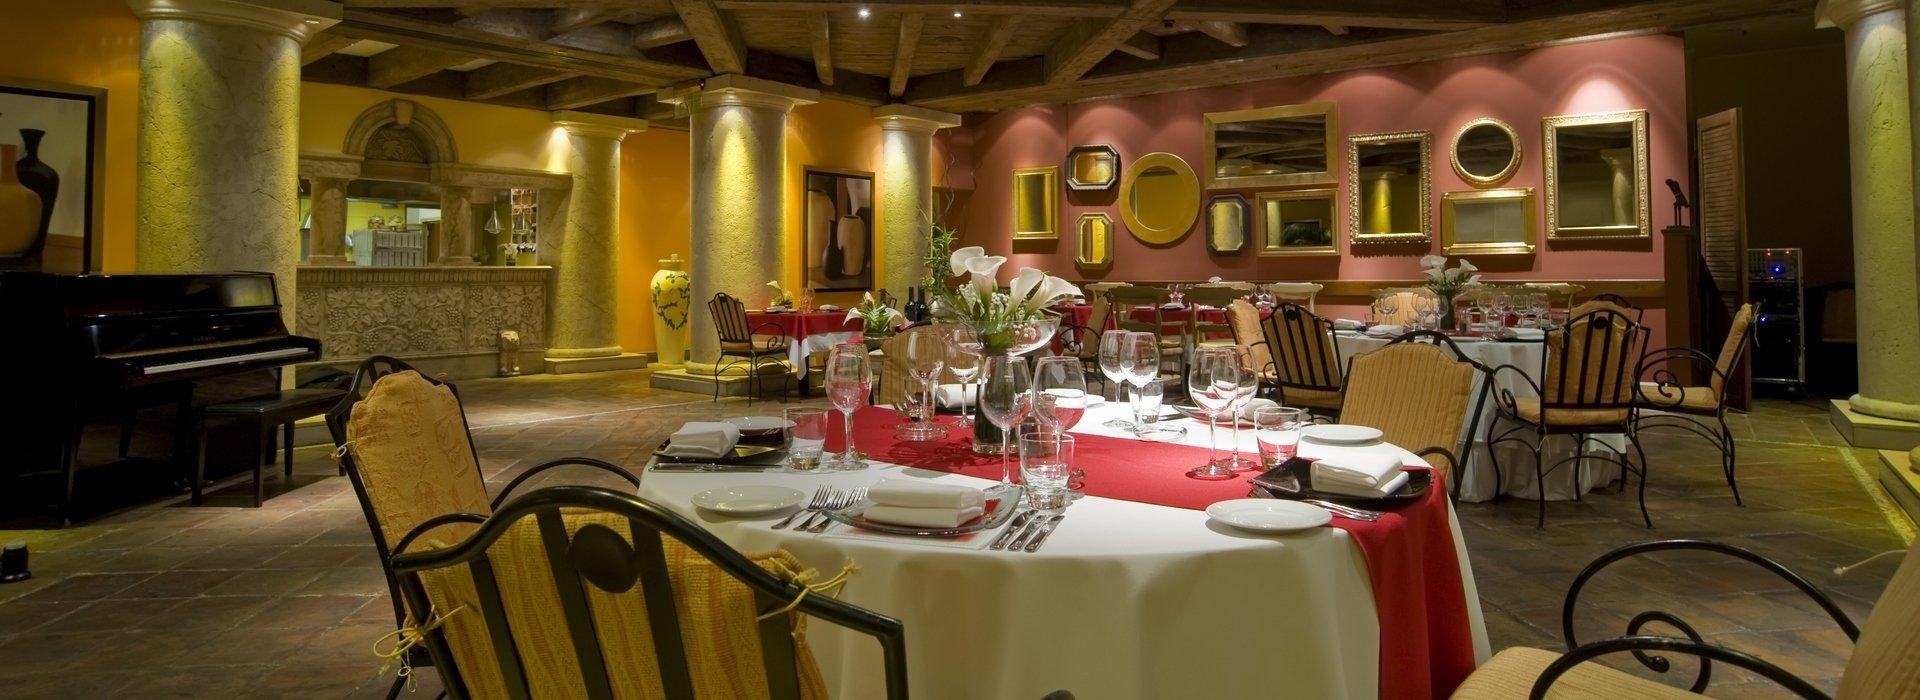 Budai éttermek - Étterem Kereső Buda